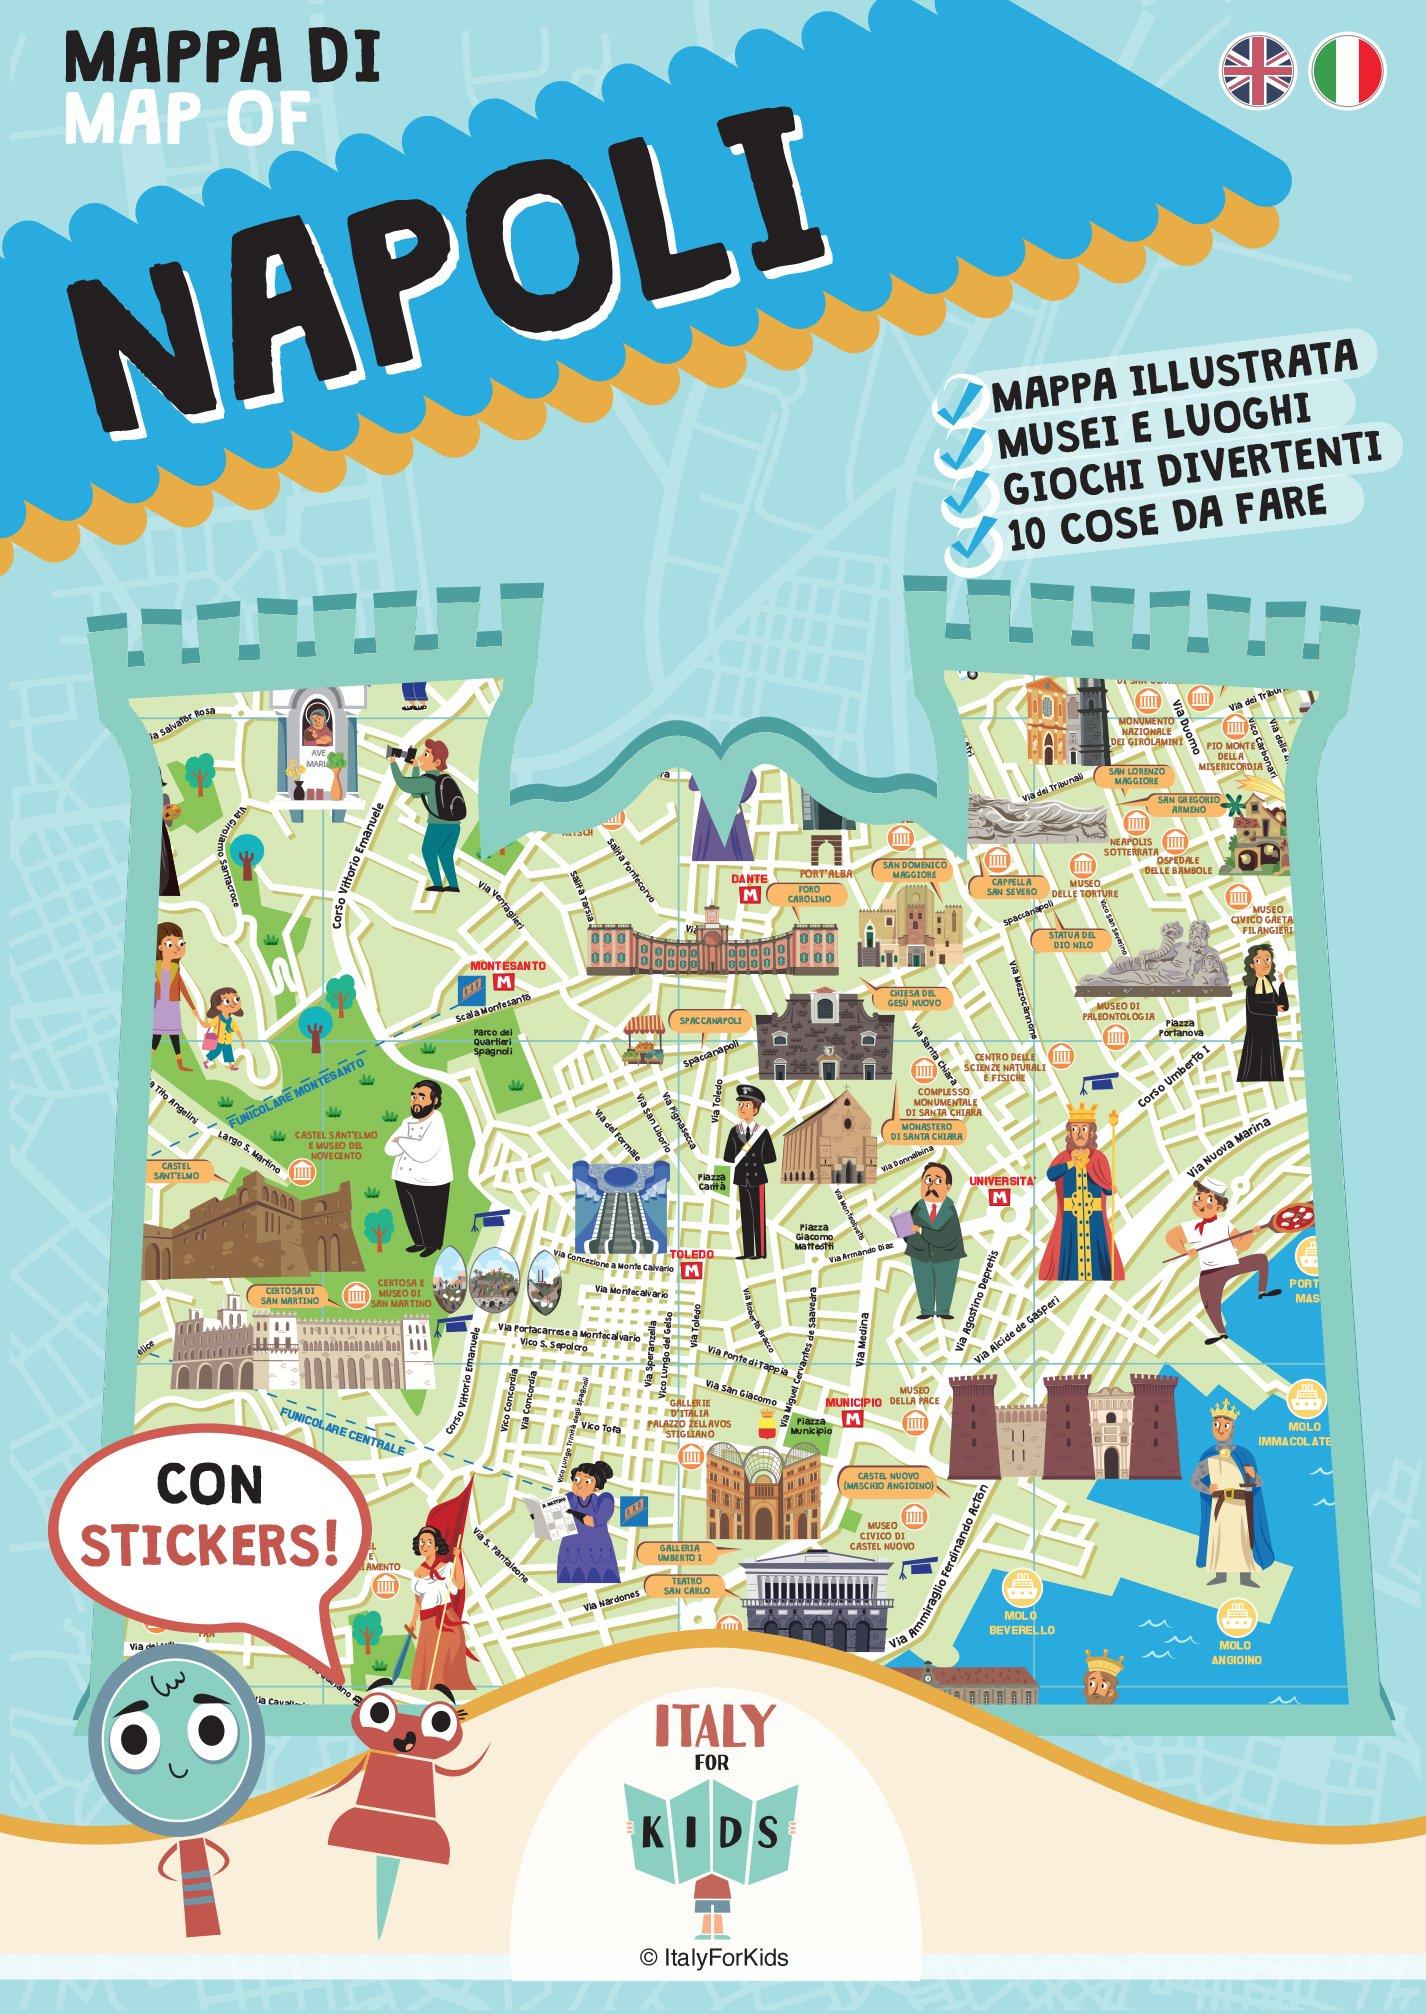 Cartina Monumenti Napoli.Mappa Di Napoli Con Adesivi Dania Sara Piva Donata Cerato M 9788885633018 Amazon Com Books